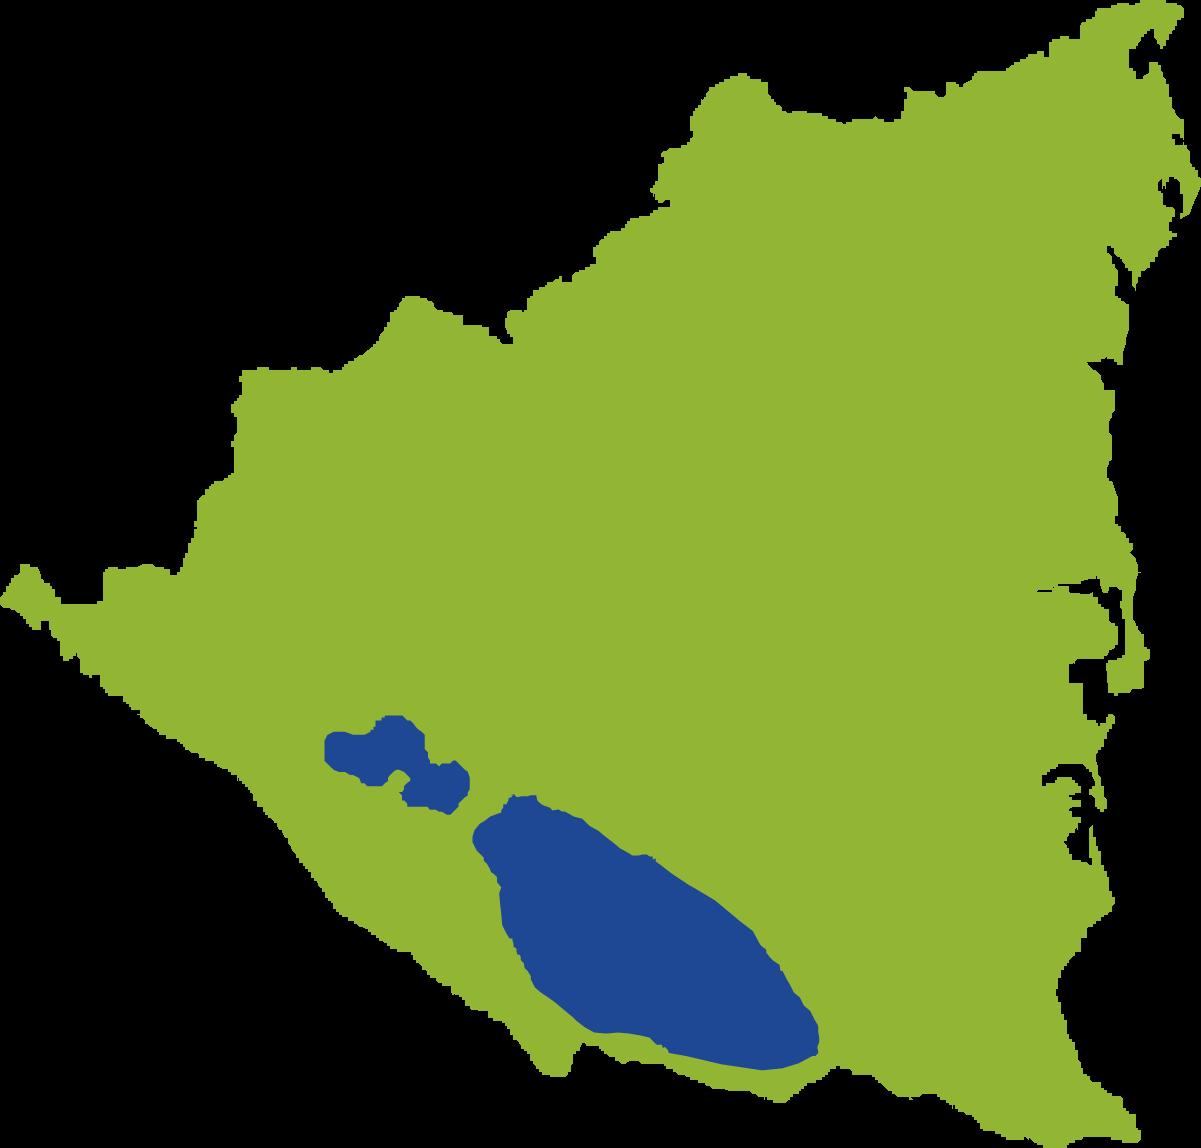 Mapa ecológico Nicaragua